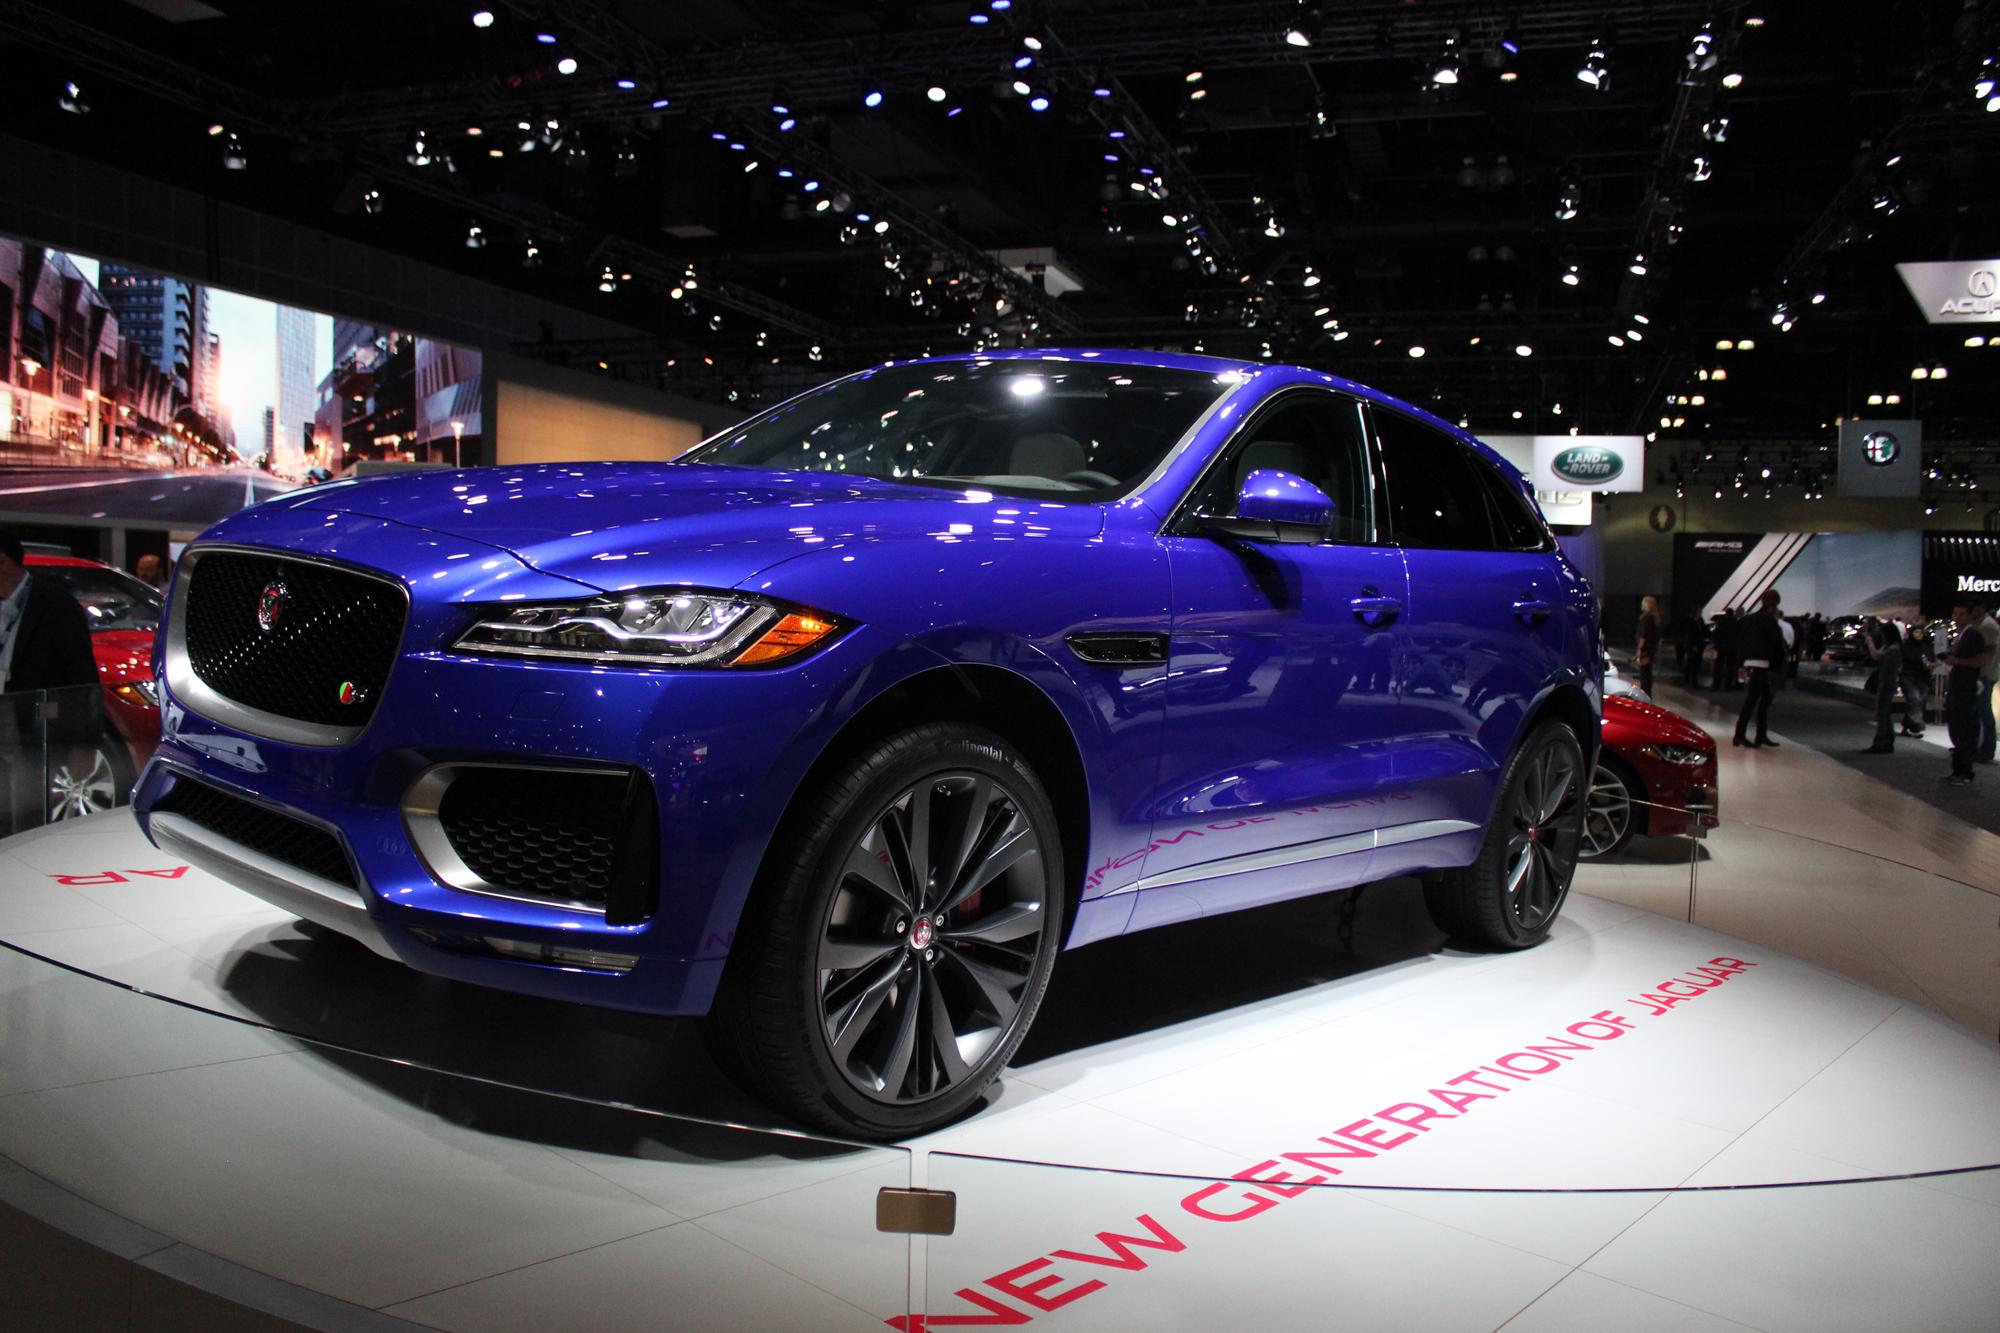 Surprisingly Jaguar